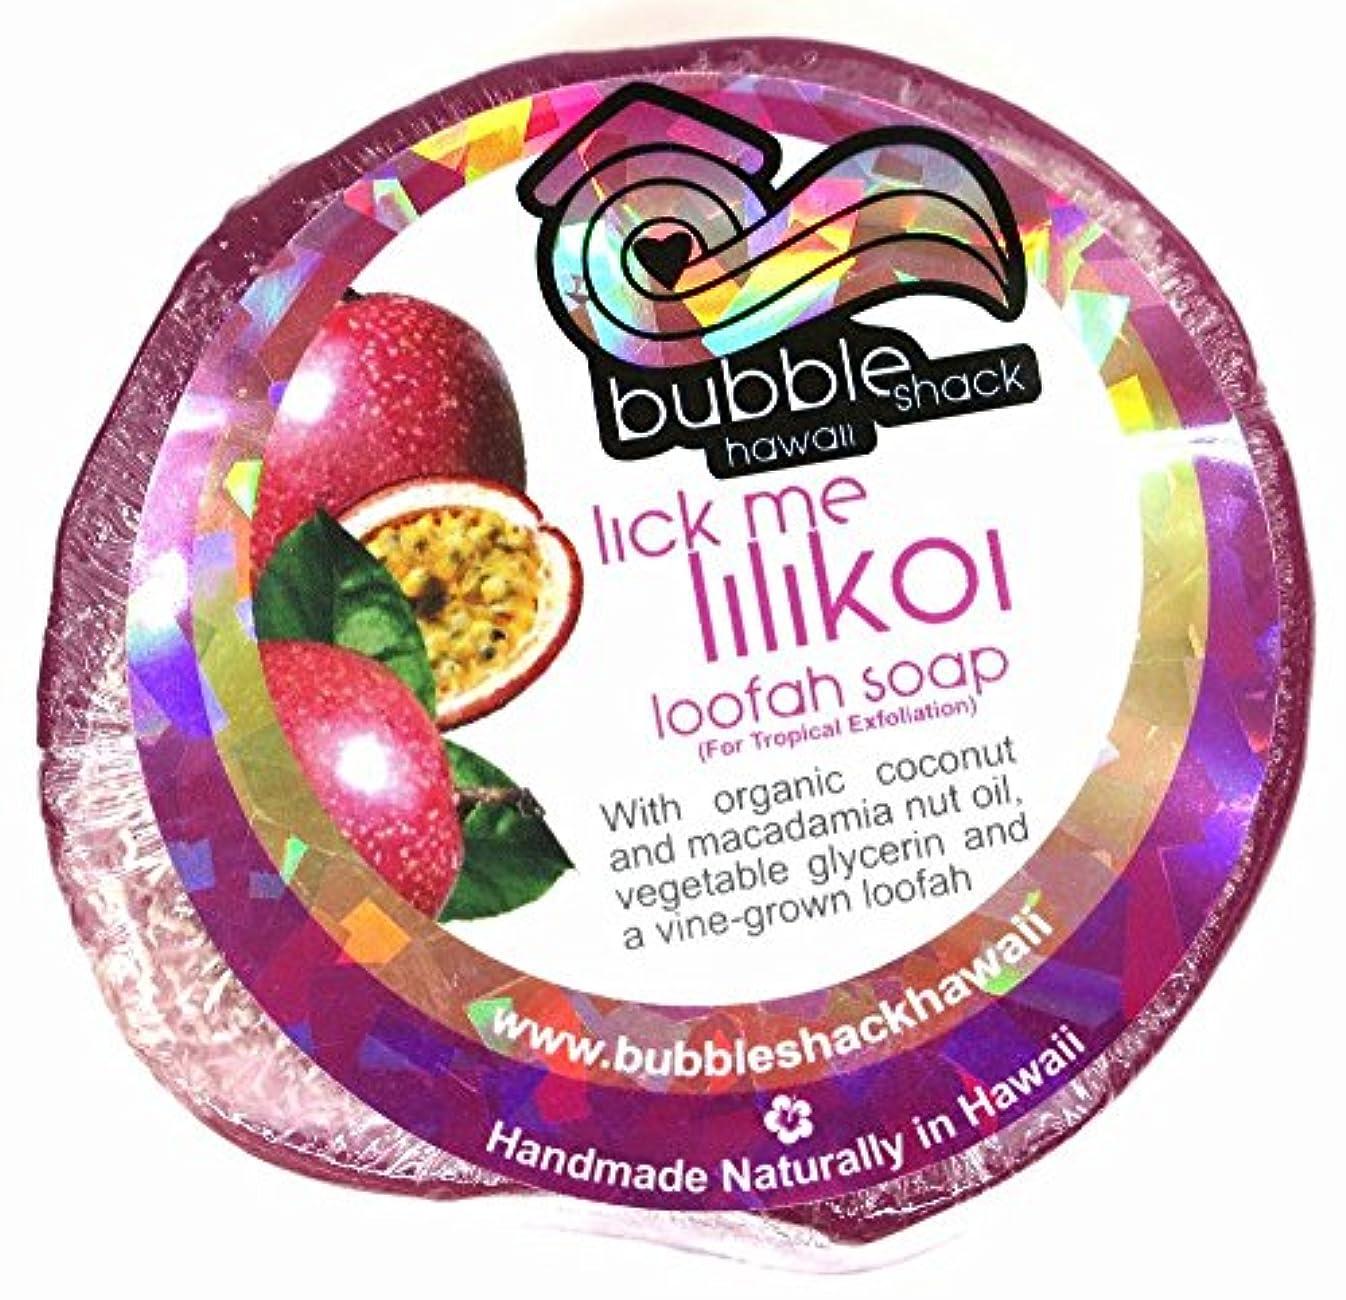 報復する同意する本物のハワイアン雑貨/ハワイ 雑貨【バブルシャック】Bubble Shack Hawaii ルーファーソープ(リックミーリリコイ) 【お土産】